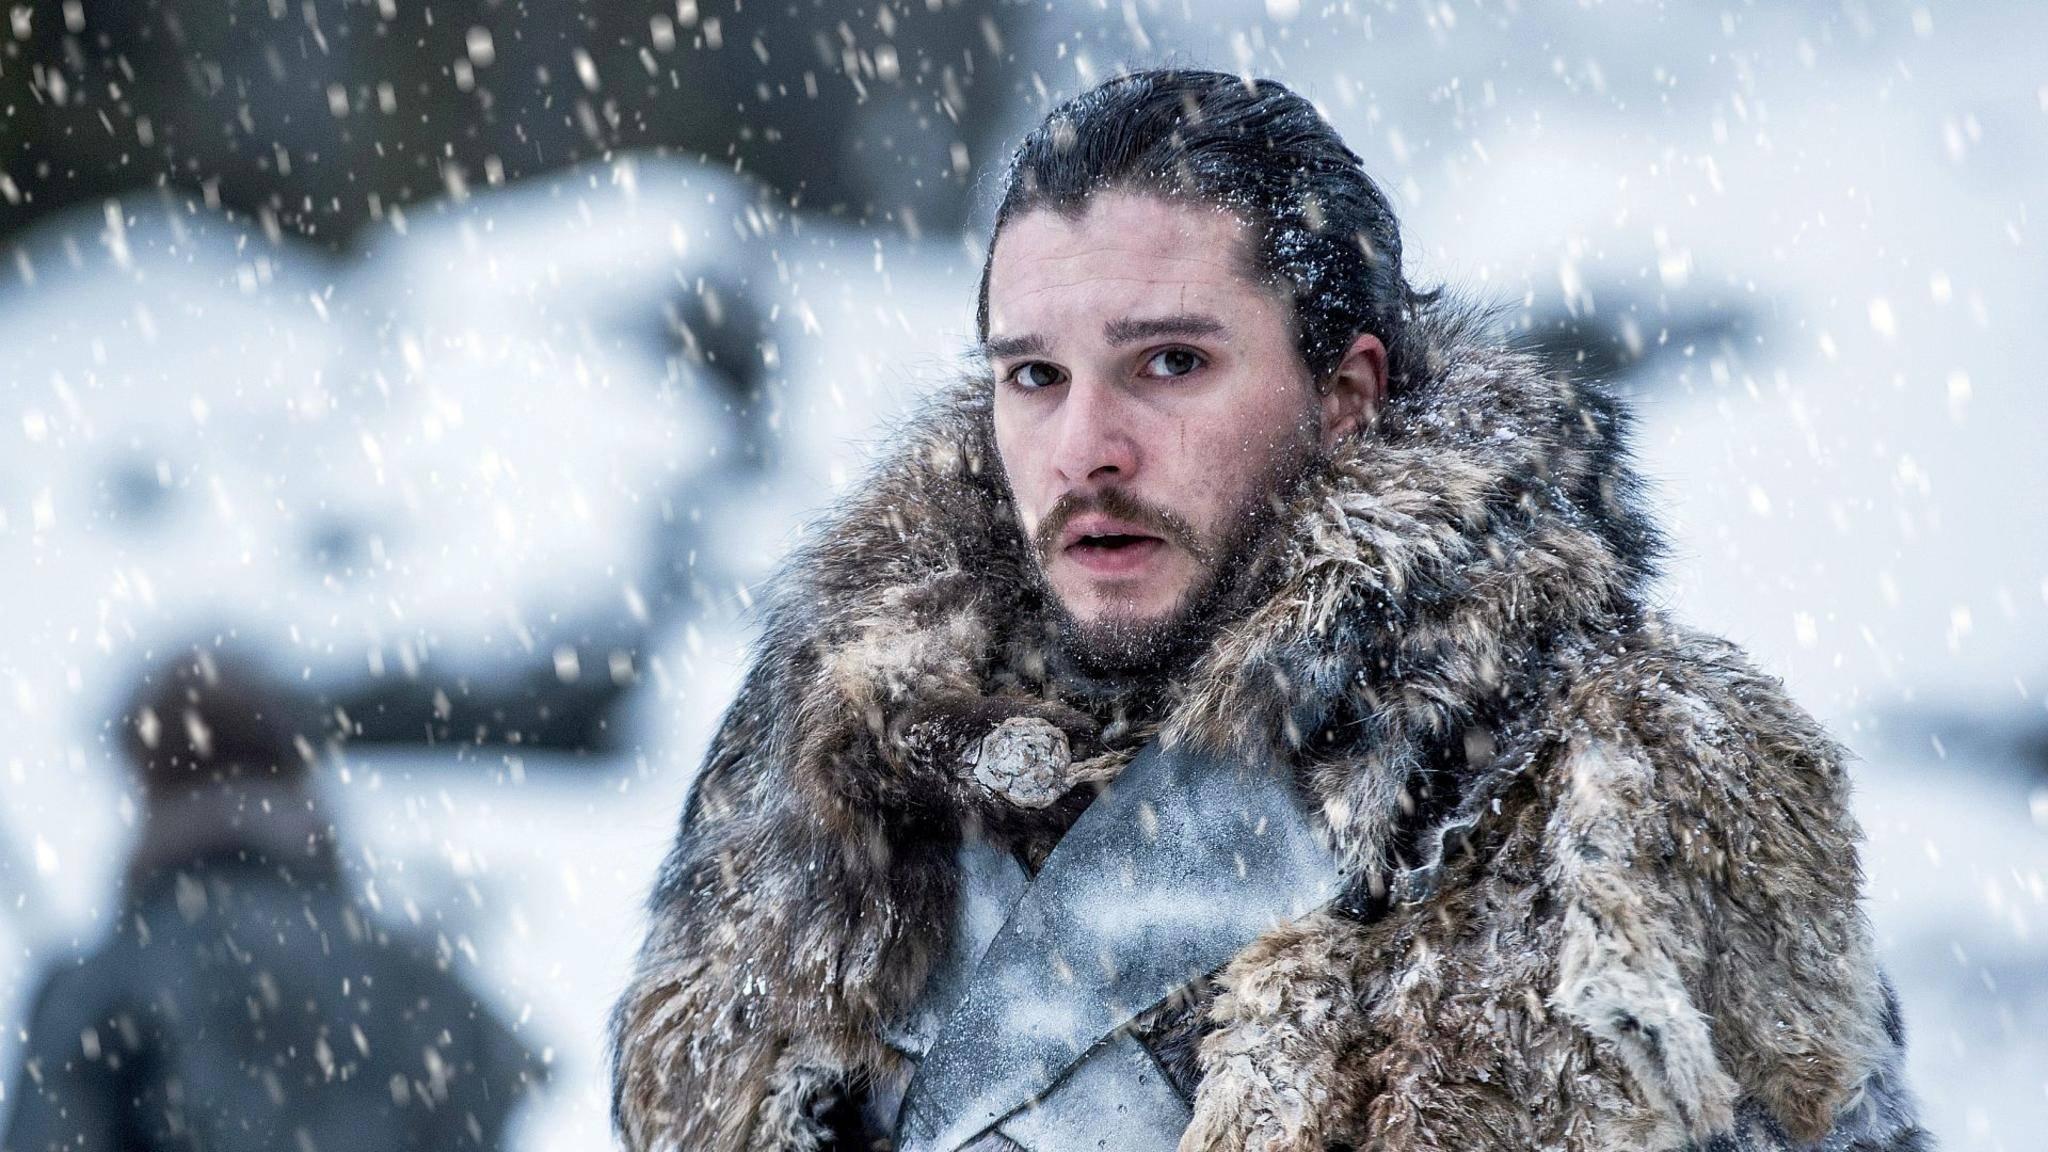 Der Winter ist inzwischen in ganz Westeros angekommen. Nur vom Start der achten Staffel fehlt jede Spur.